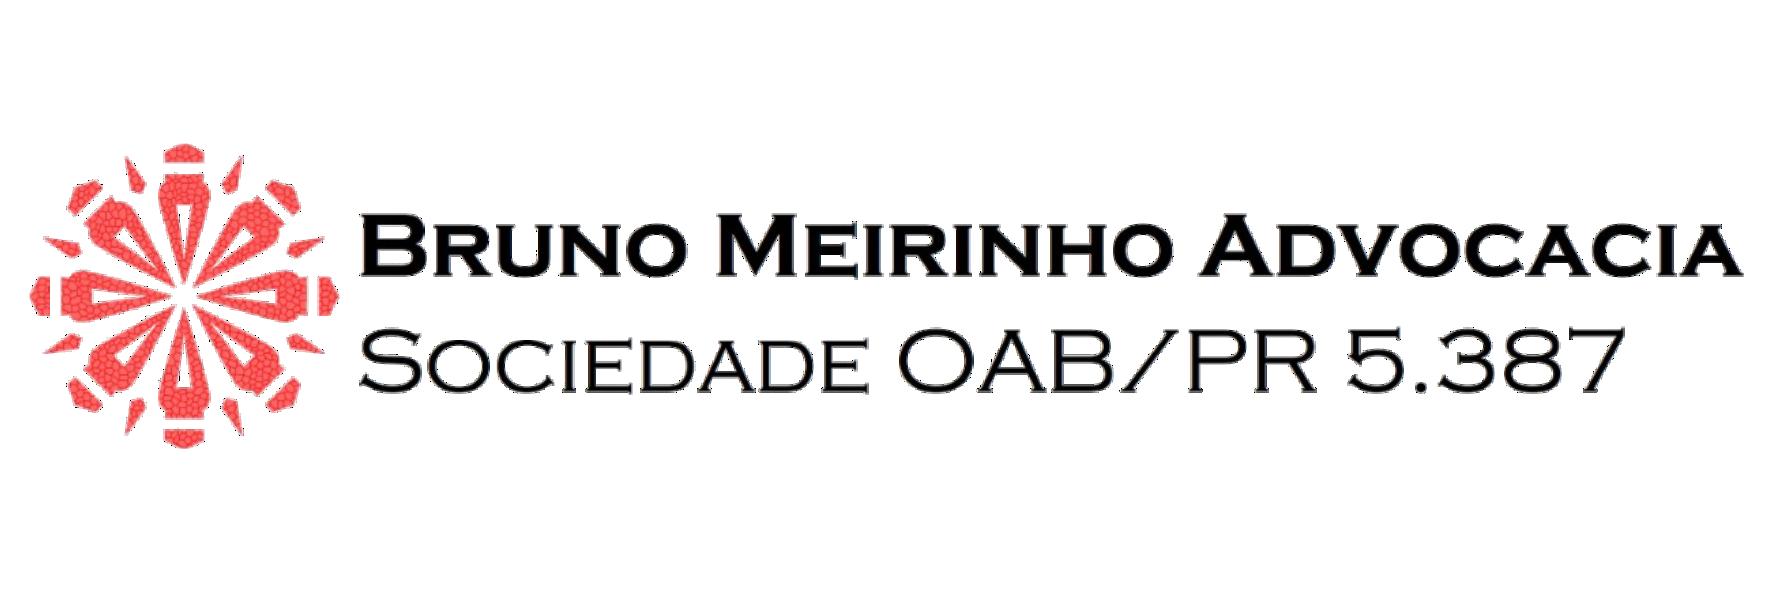 Dr. Bruno Meirinho LOGO horizontal R